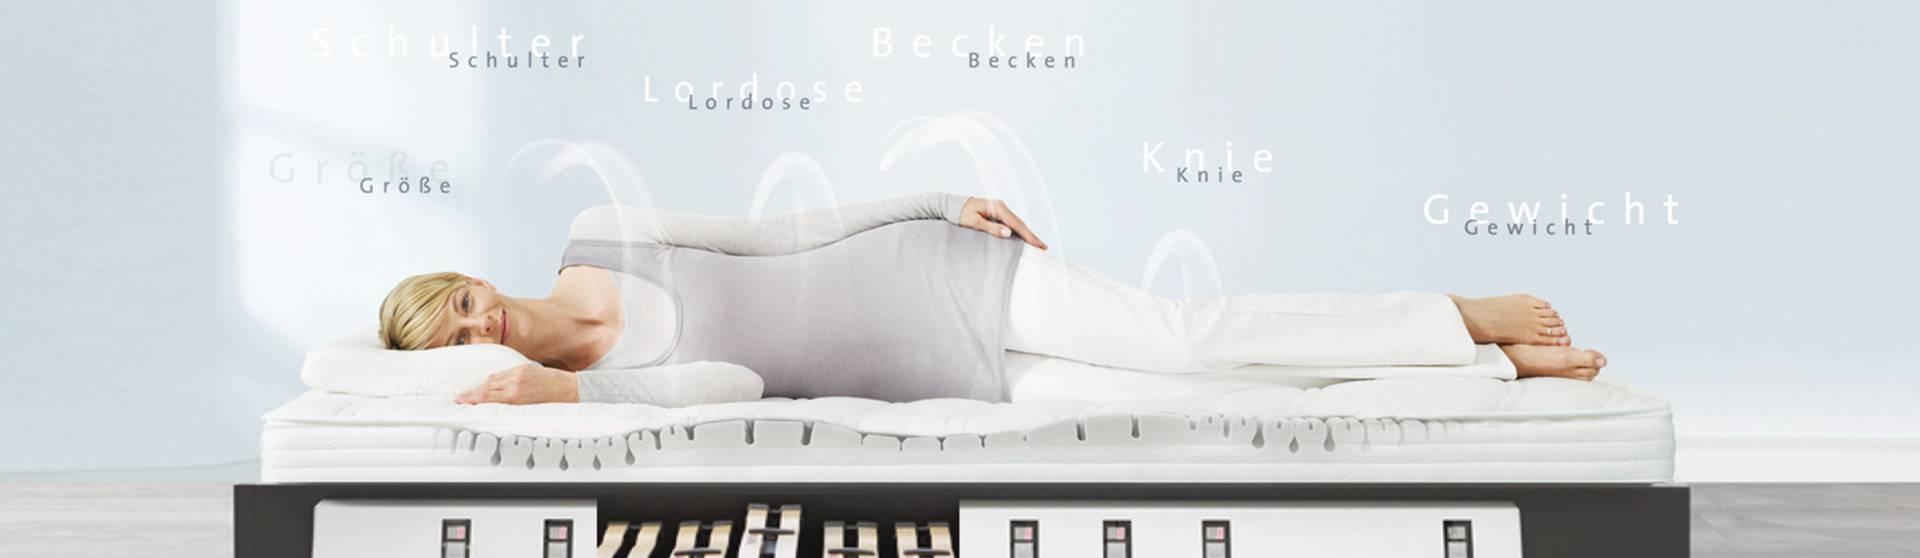 Betten Köln - Boxspringbetten und Matratzen ✰ LUX118 ...